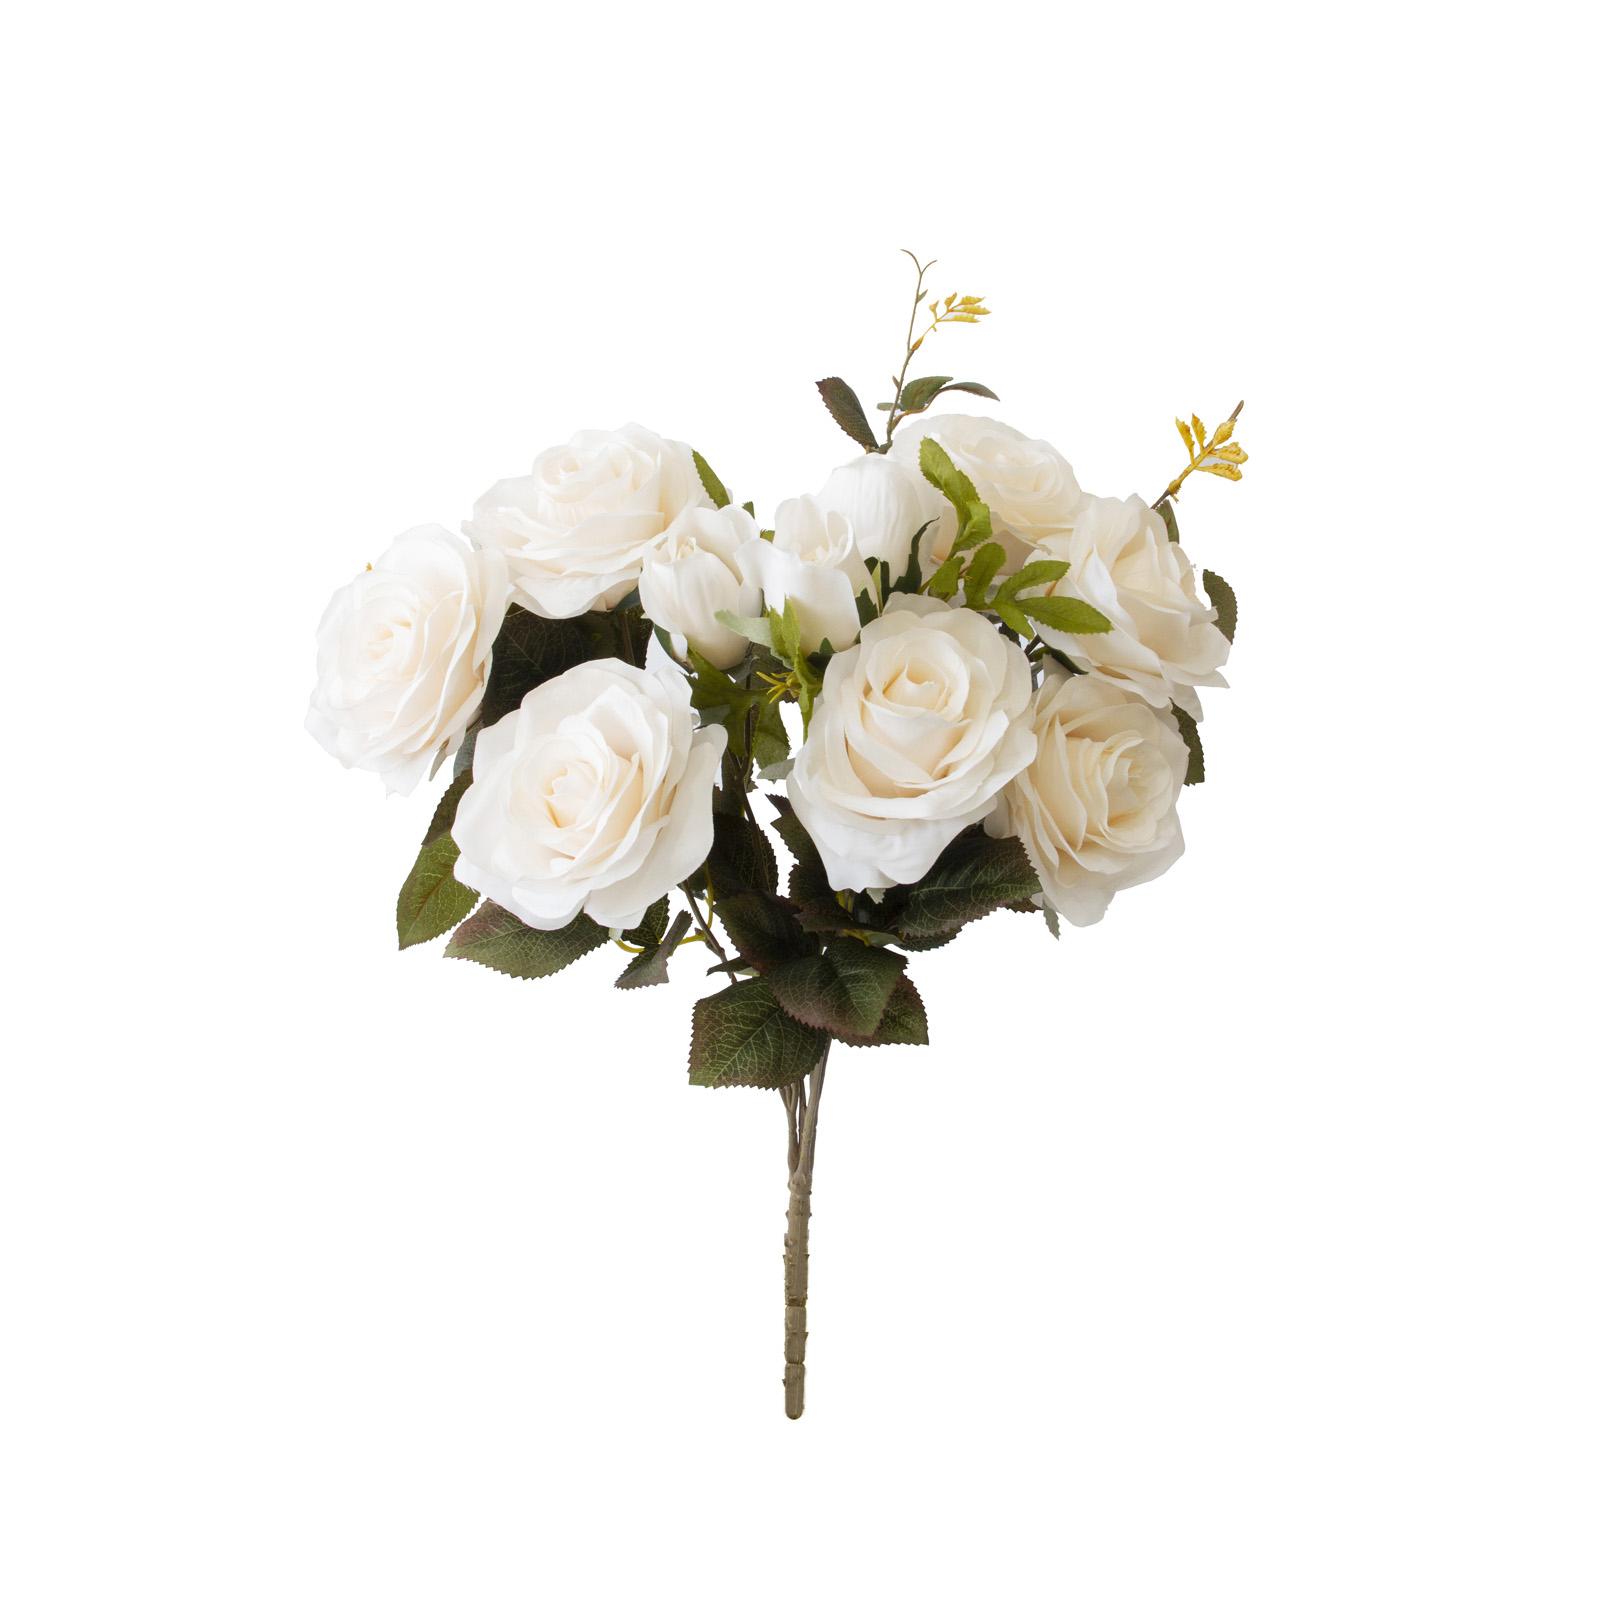 Flores Artificiais - Buquê de Rosas Diana Branco Envelhecido | Linha Permanente Formosinha